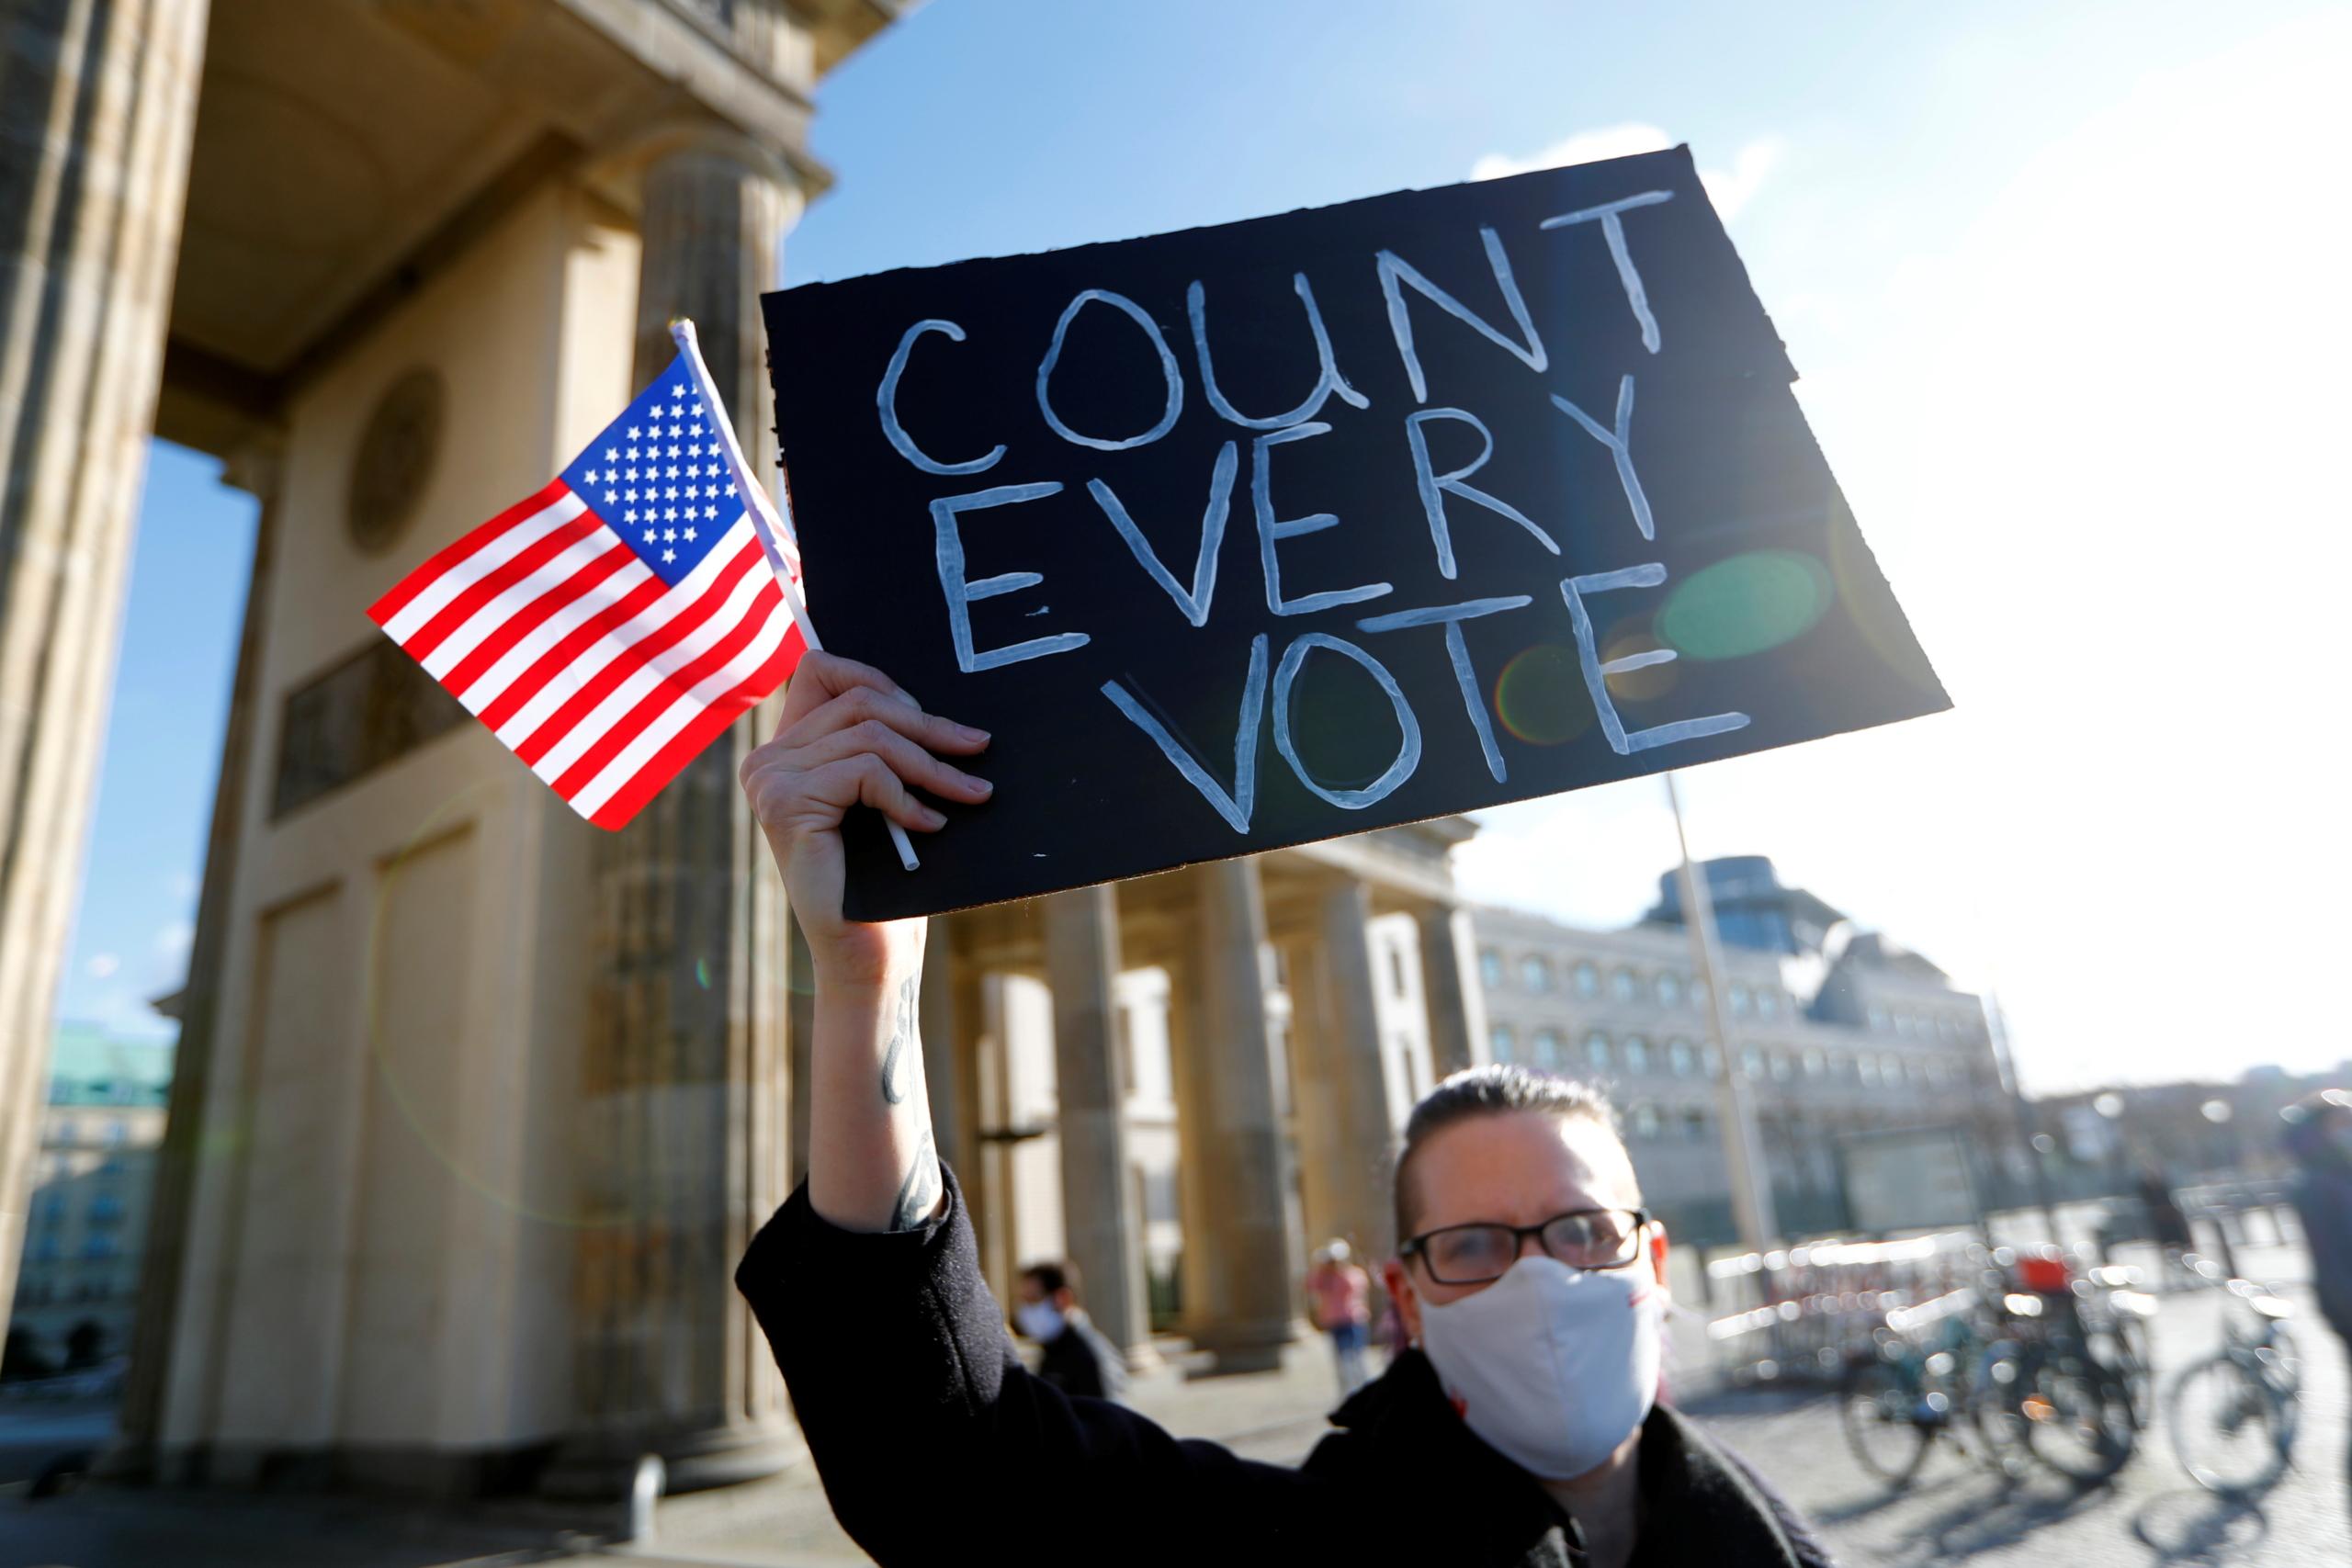 Elecciones EE.UU.: Trump y Biden con diferencias mínimas de votos en estados que decidirán la presidencia